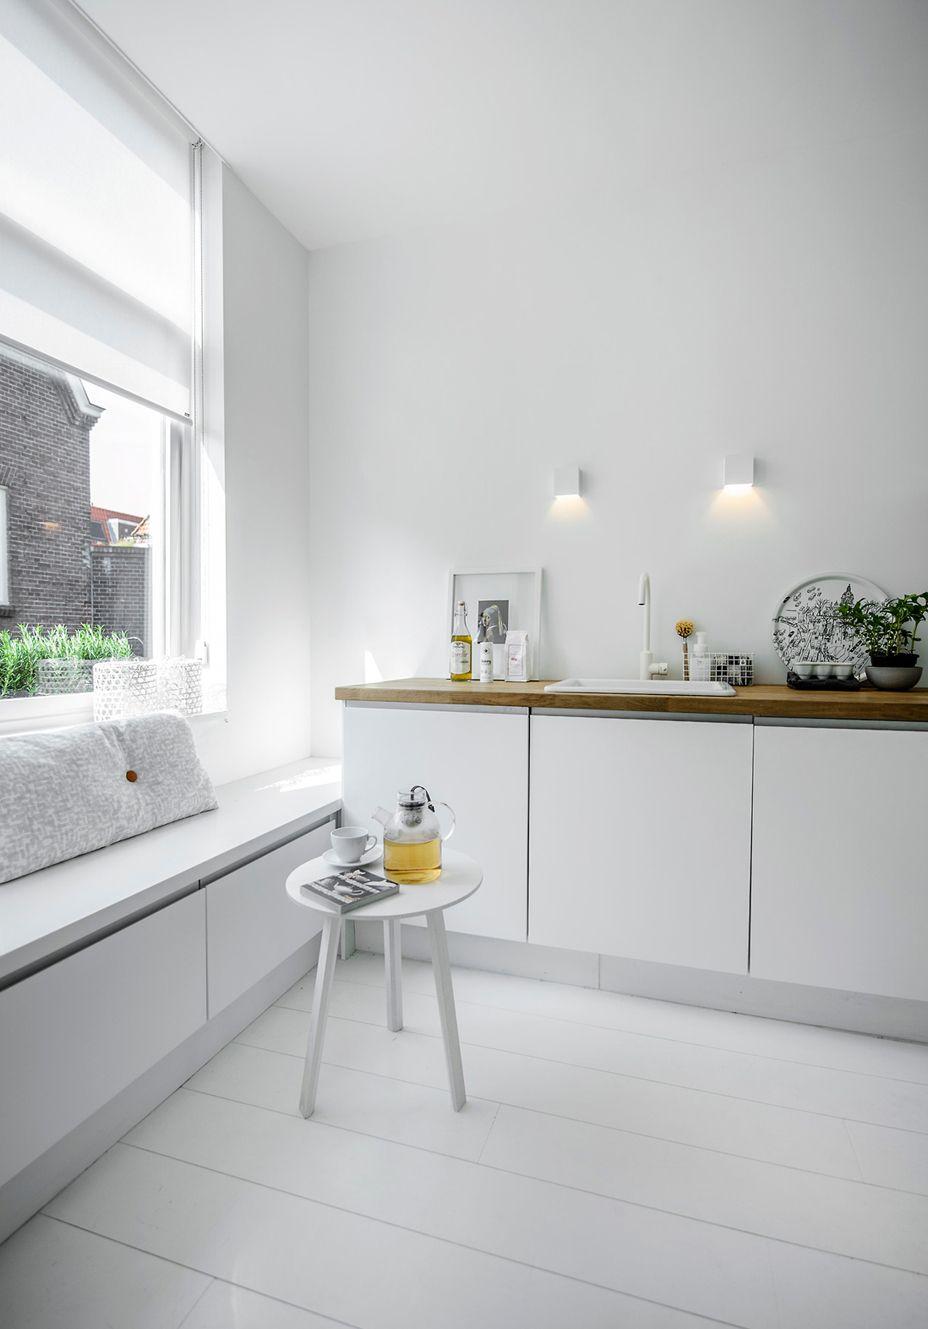 Bench Under The Window / White Minimalistic Kitchen Design